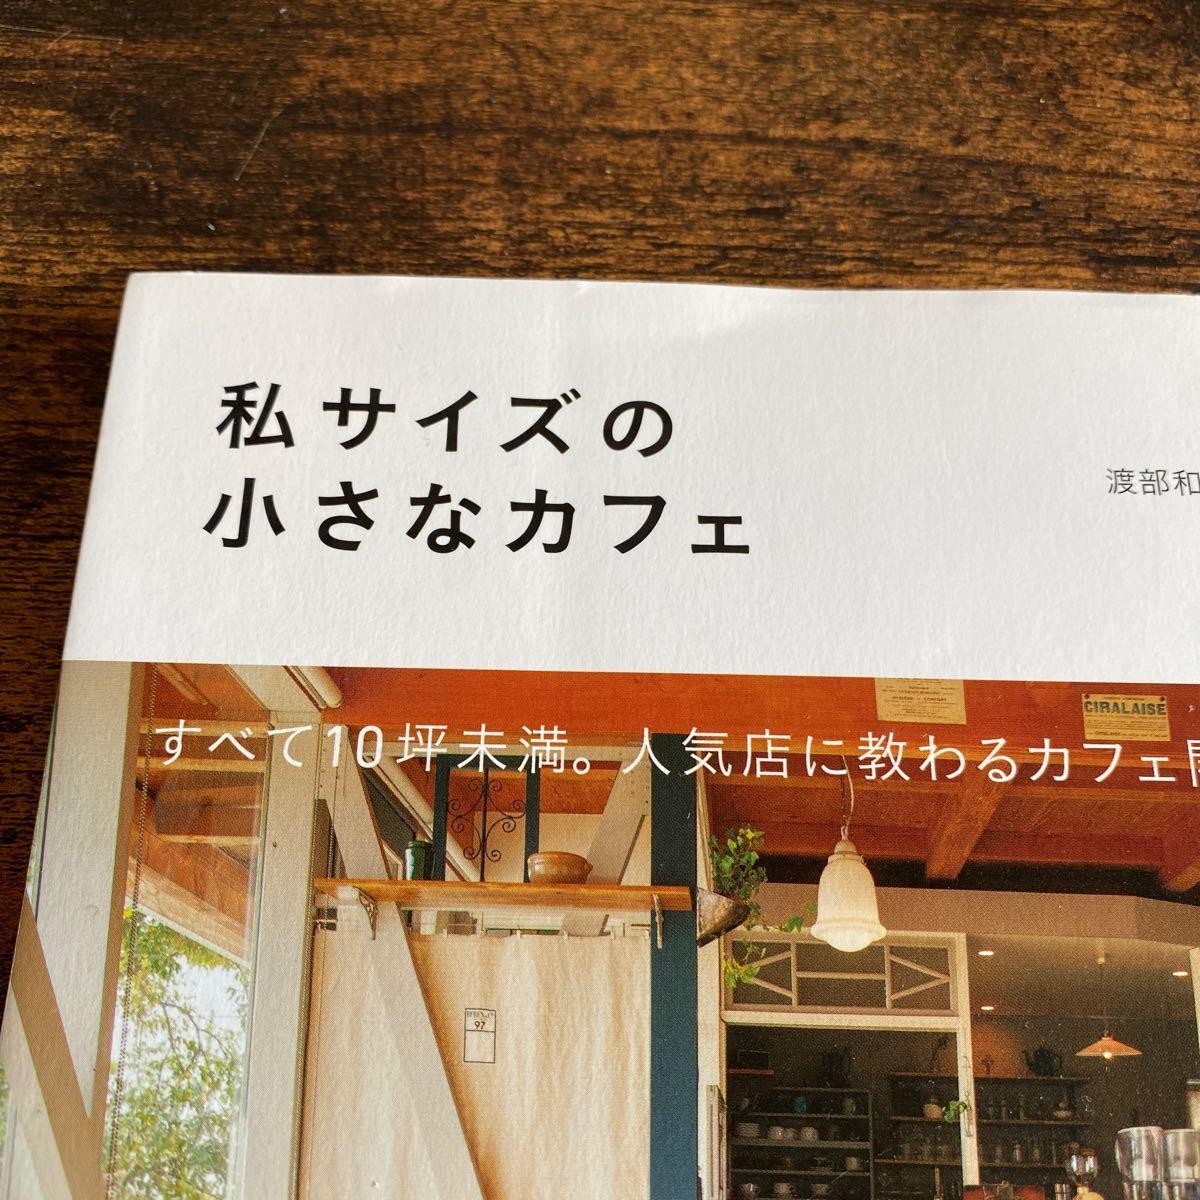 私サイズの小さなカフェ : すべて10坪未満。人気店に教わるカフェ開業